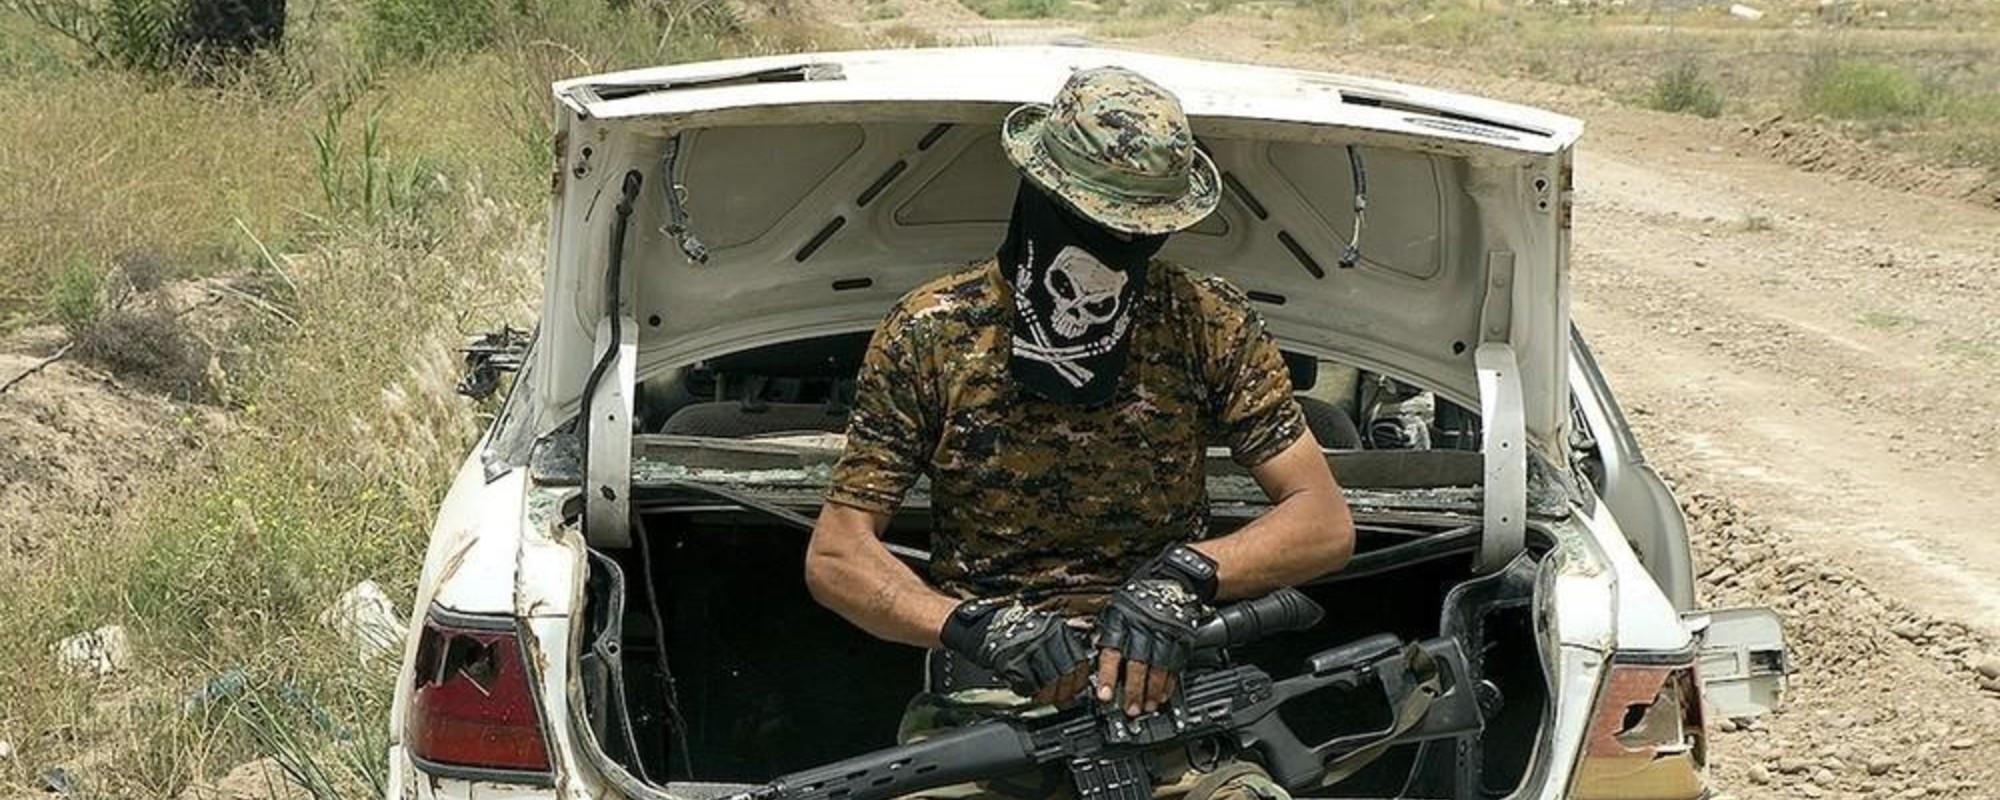 Zdjęcia ludzi, którzy rzucili pracę, by walczyć z ISIS